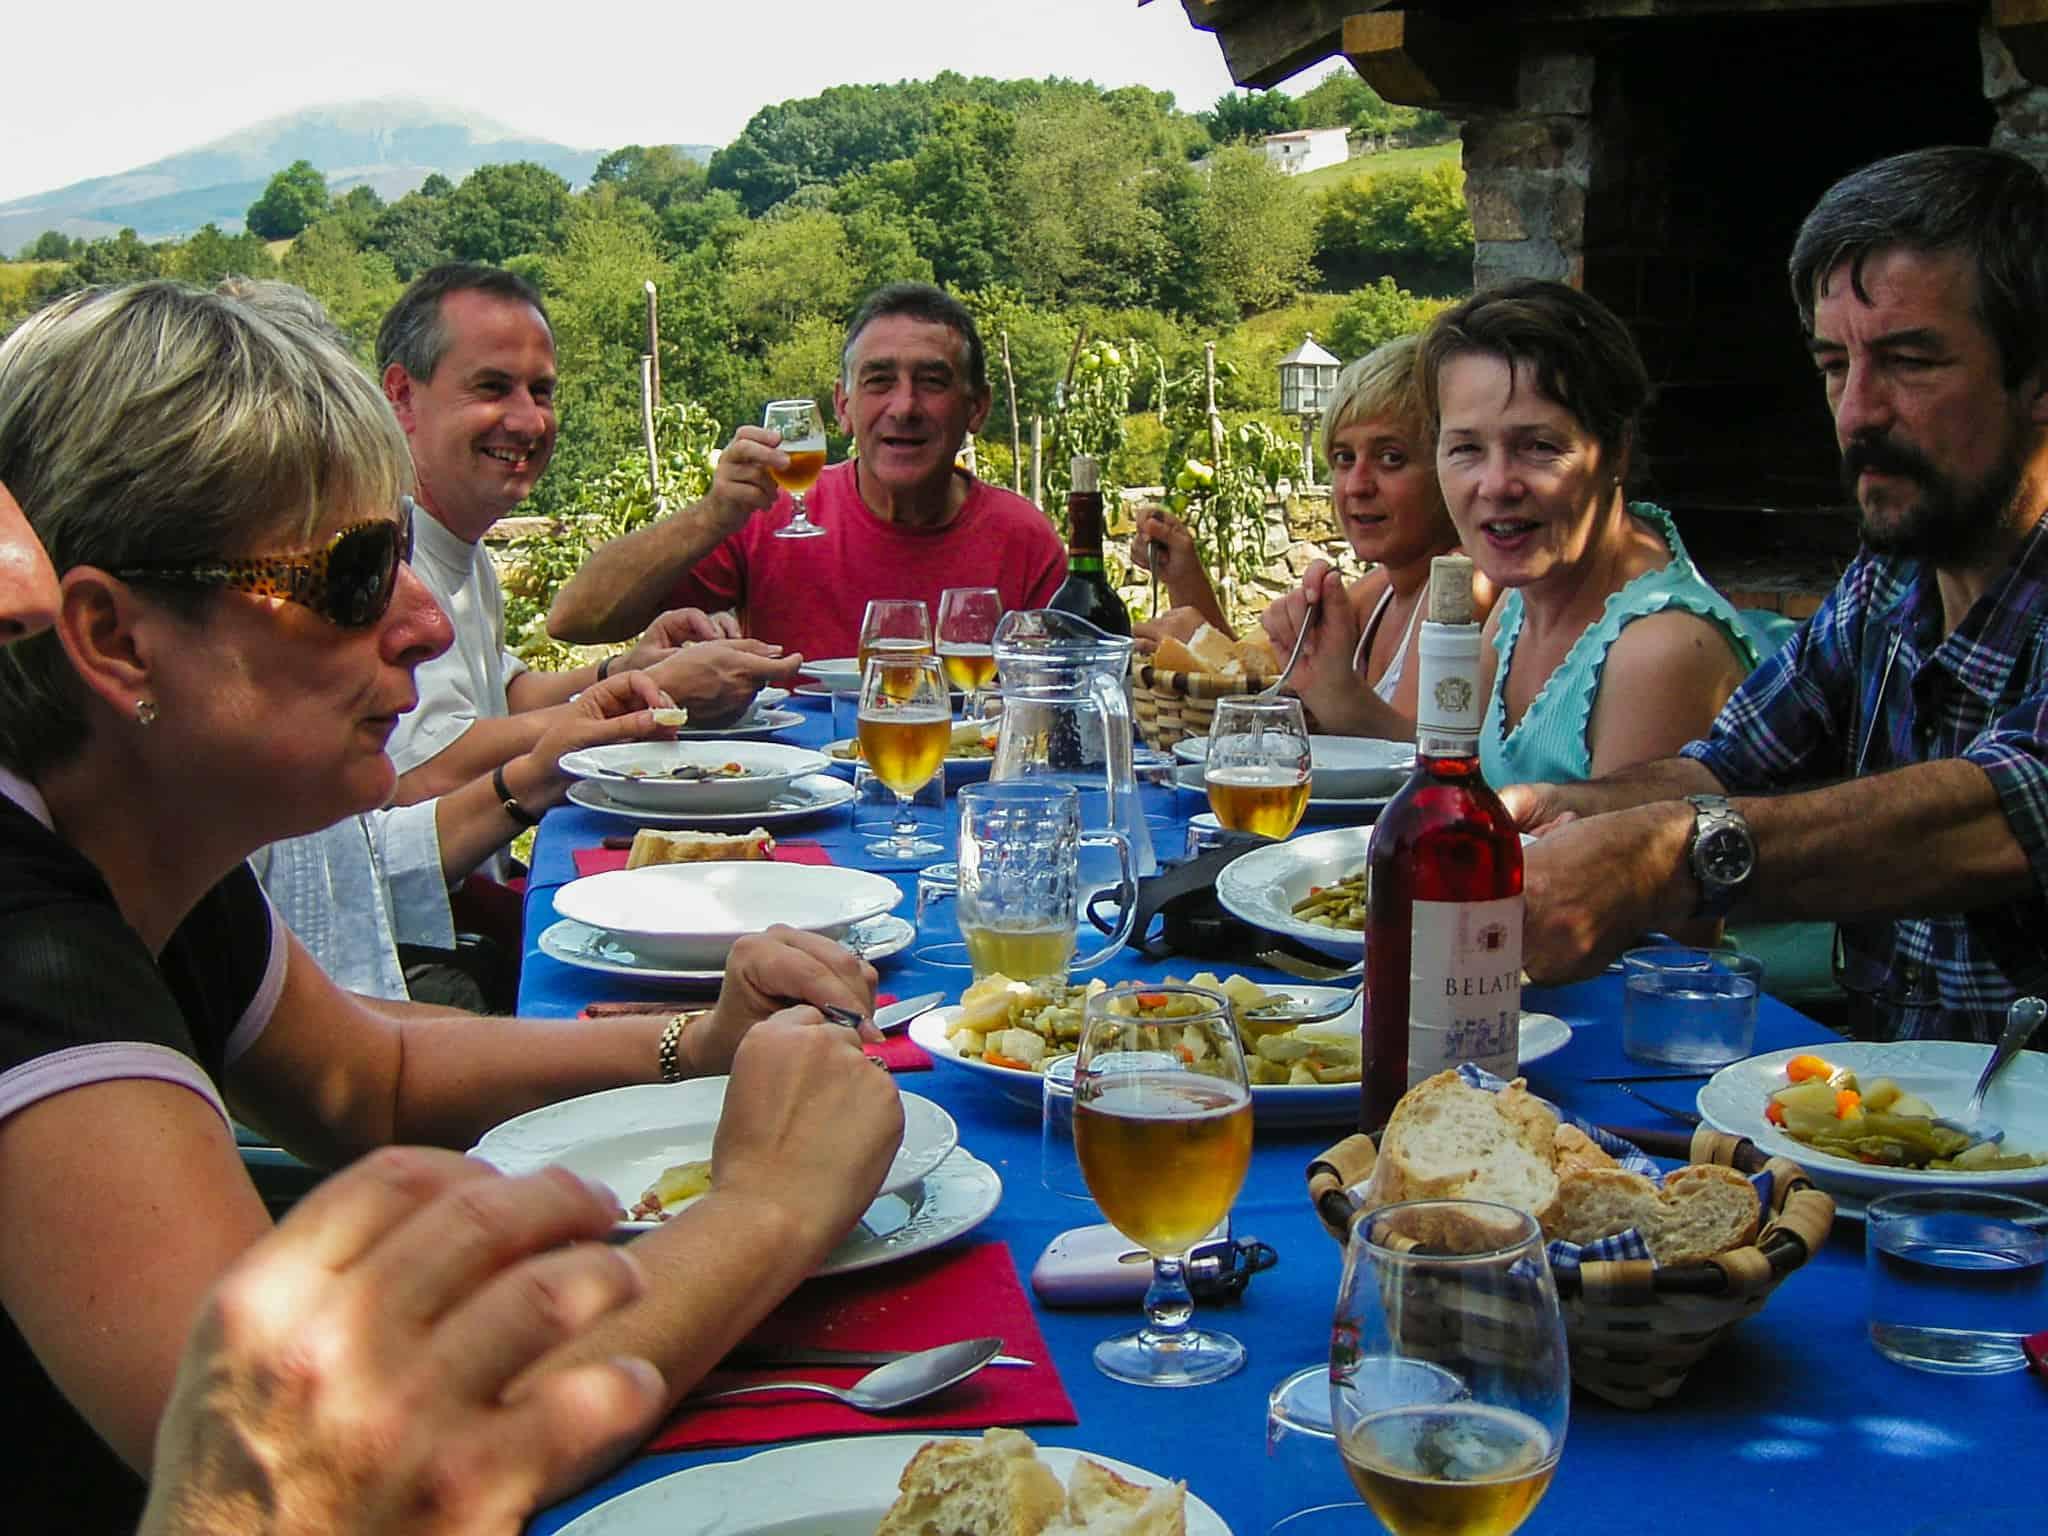 dinner paarty in Ziga Baztan Valley